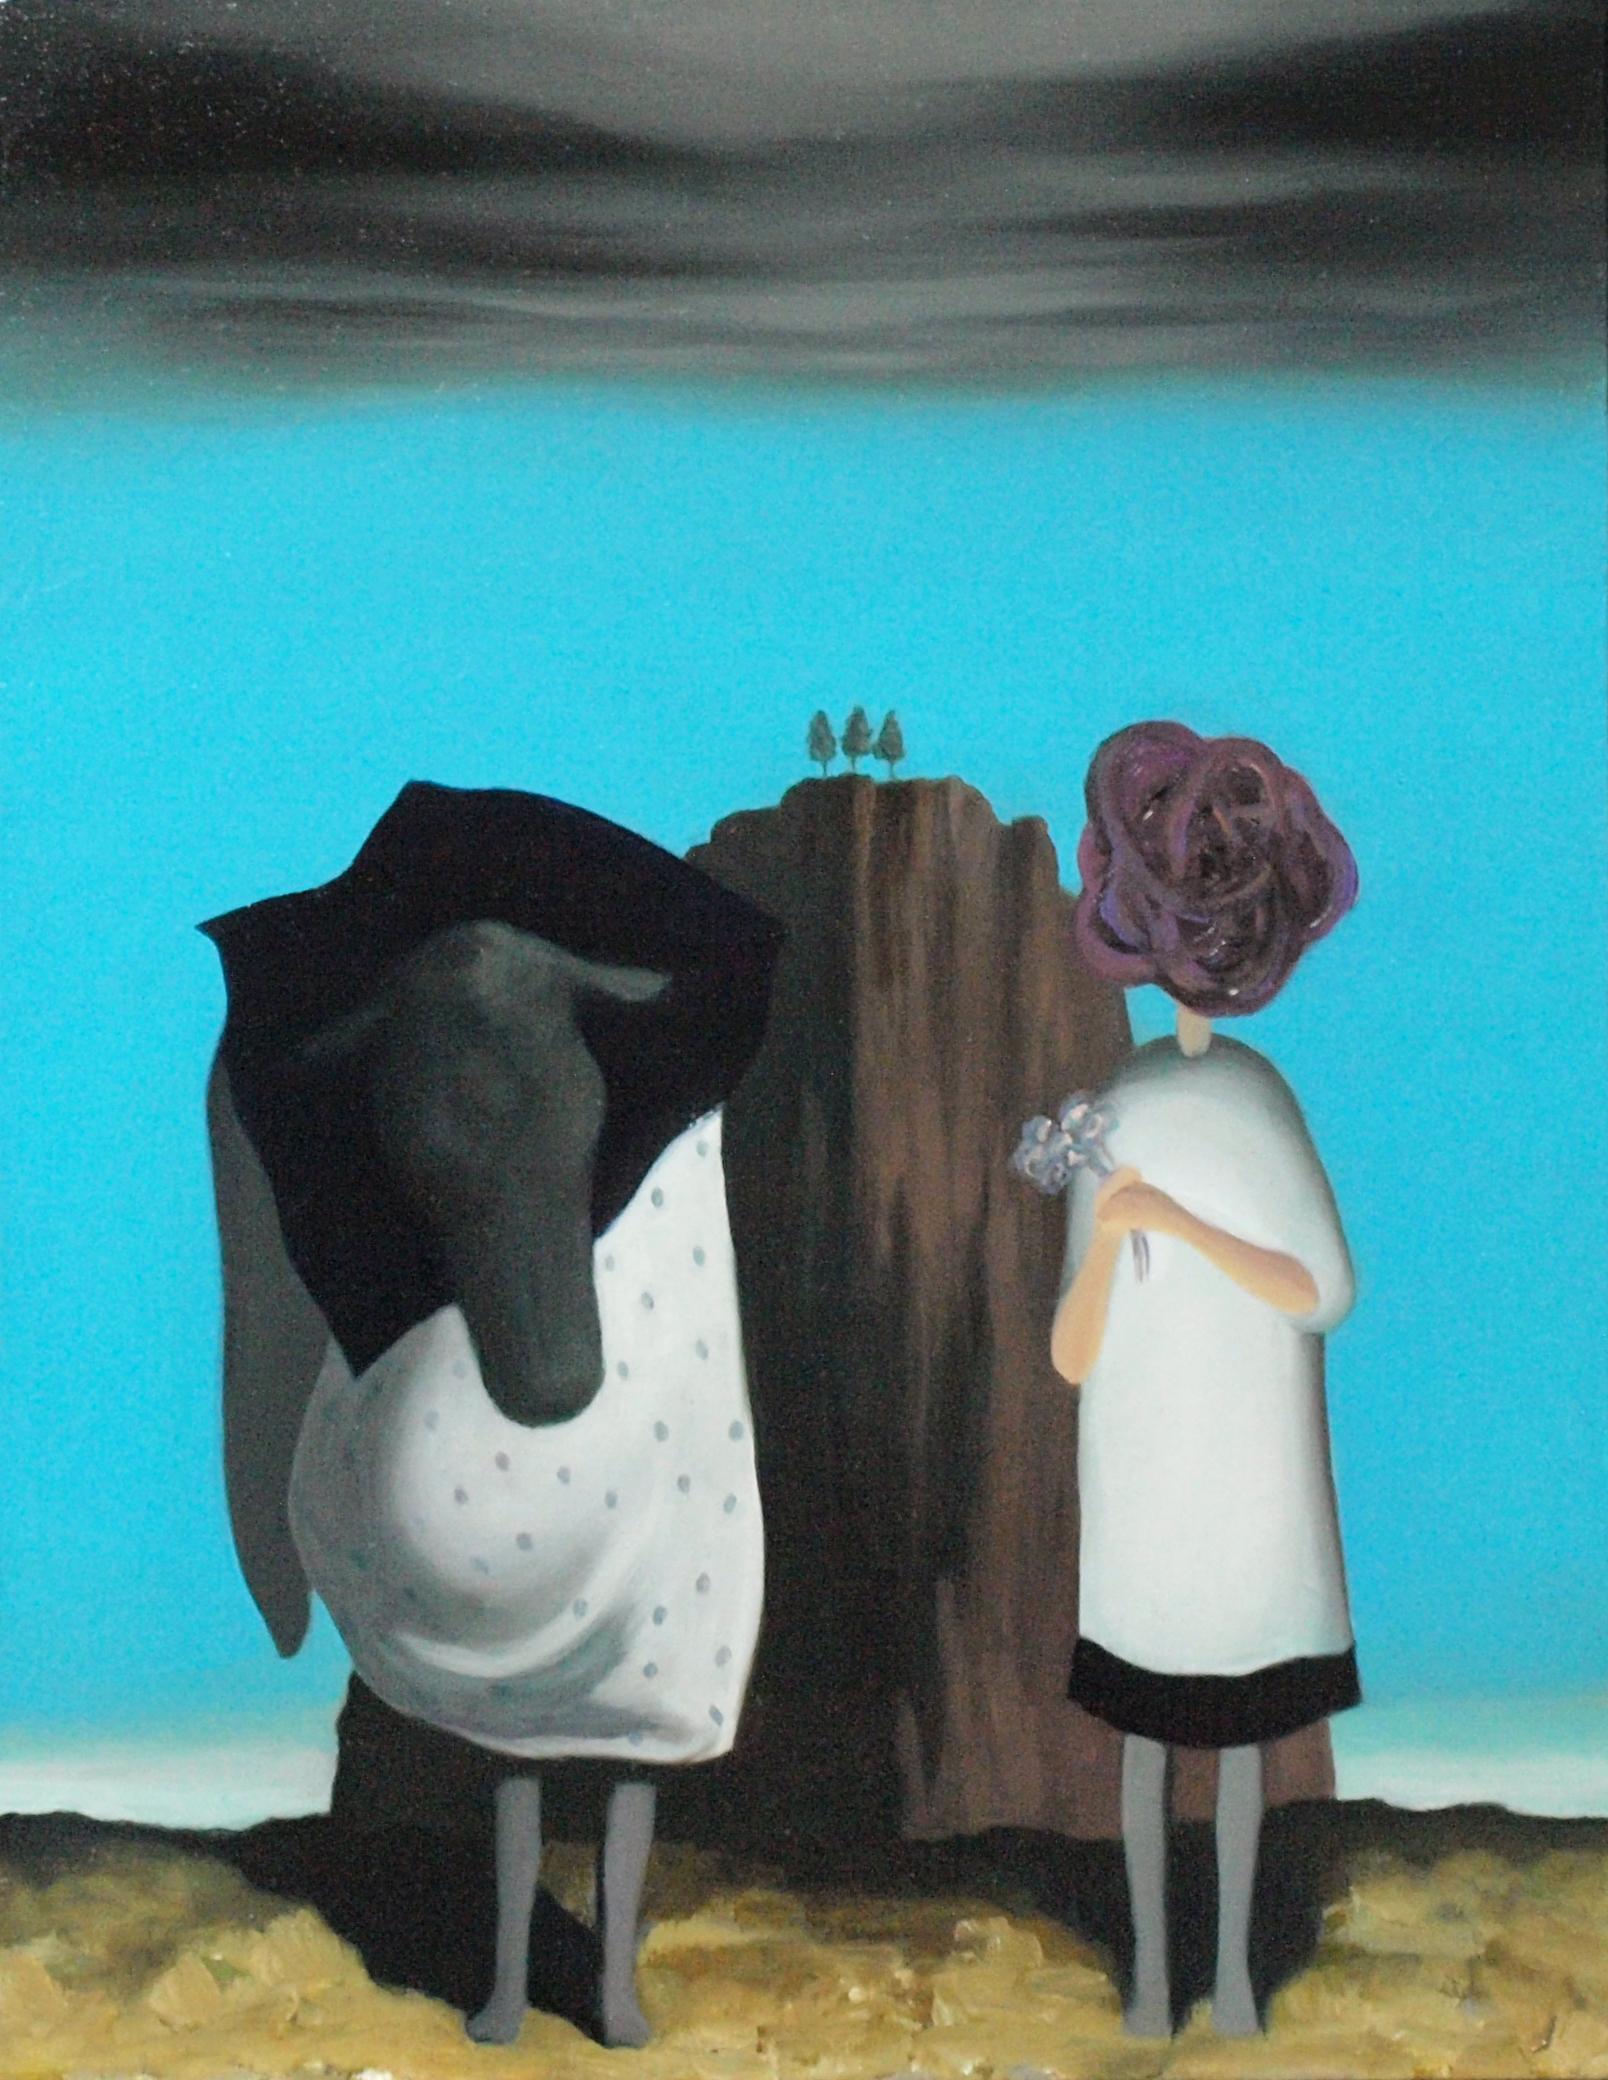 Flower,Human,Rock,Head of cow